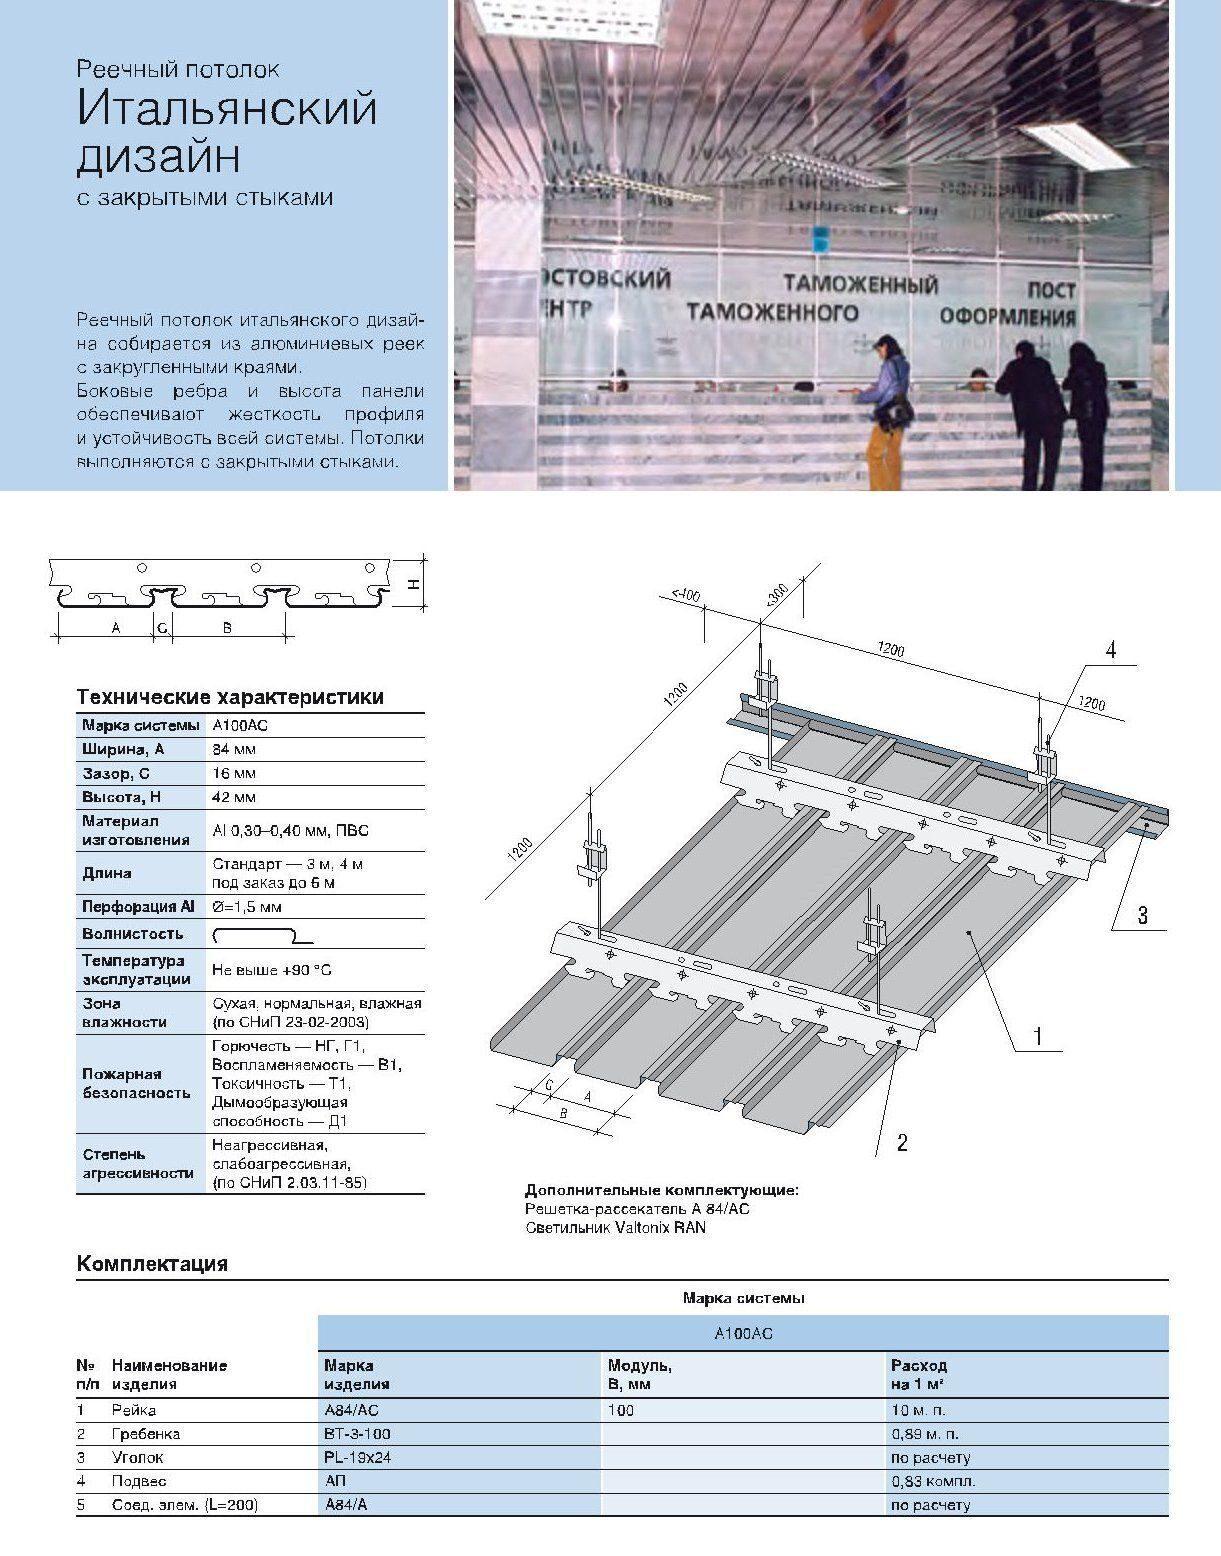 5d0e3cac39a5 каталог 2016 год реечный потолок итальянский дизайн с закрытыми стыками  Албес